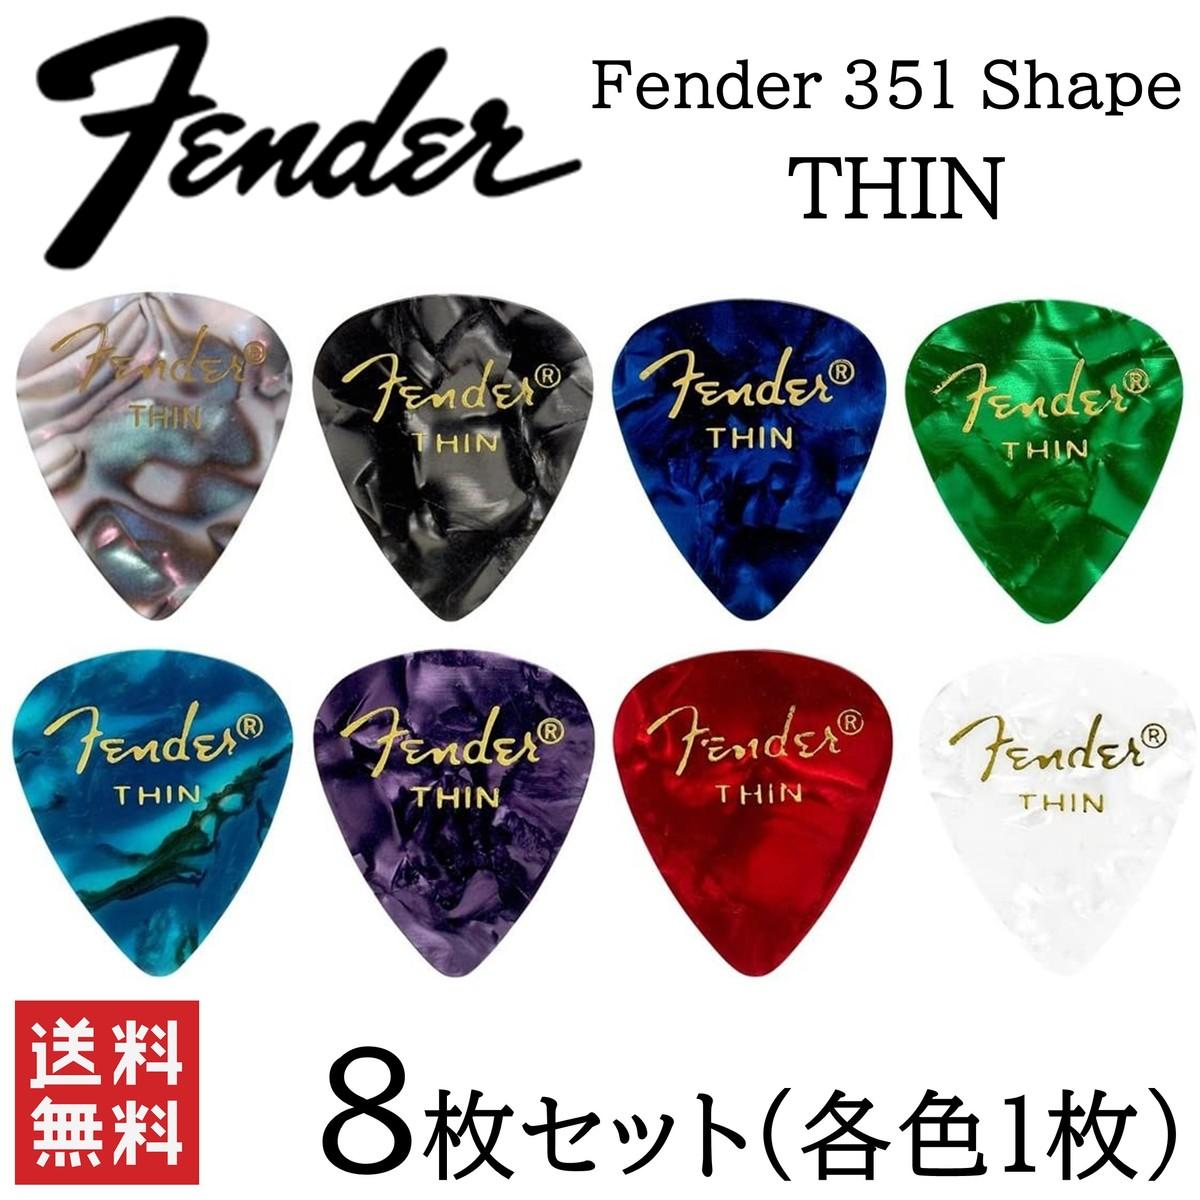 Fenderピック 限定特価 THIN 8枚 各色1枚 年末年始大決算 Fender 351 ティアドロップ Shape 8色アソート ギターピック シン